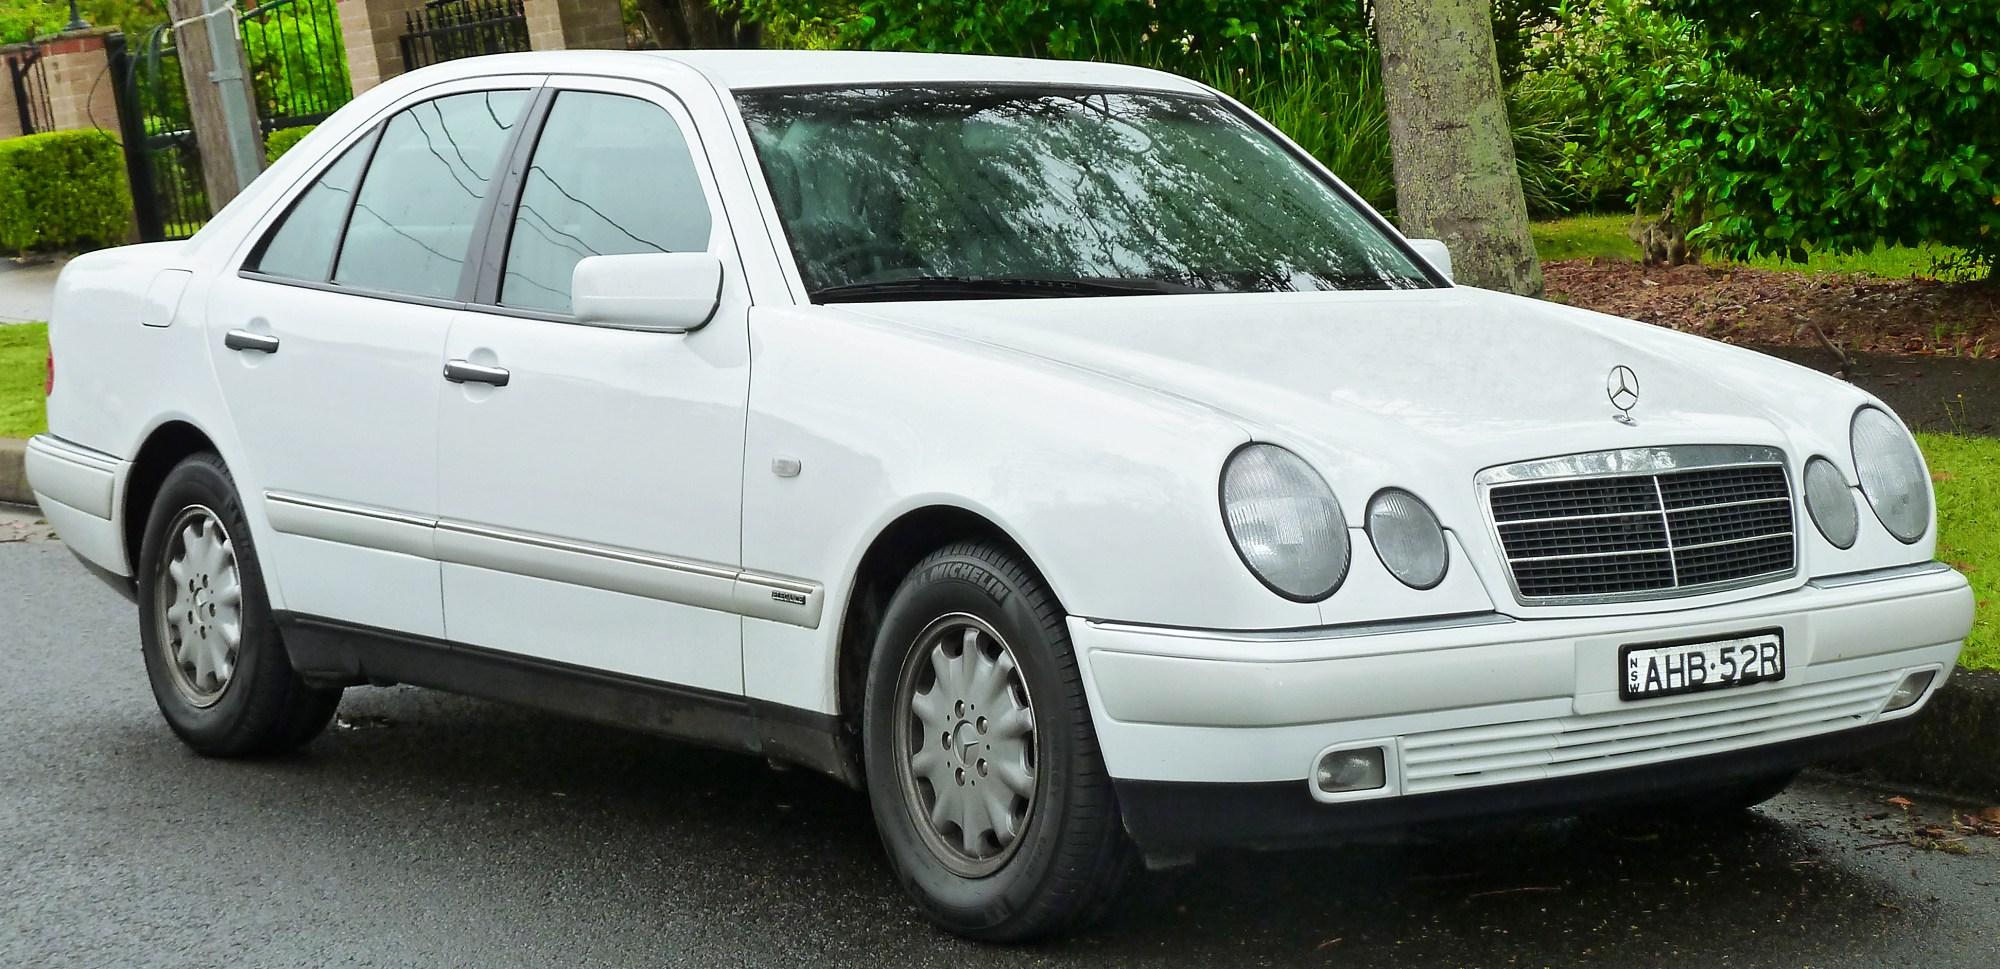 hight resolution of  mercedes benz e class 1997 12